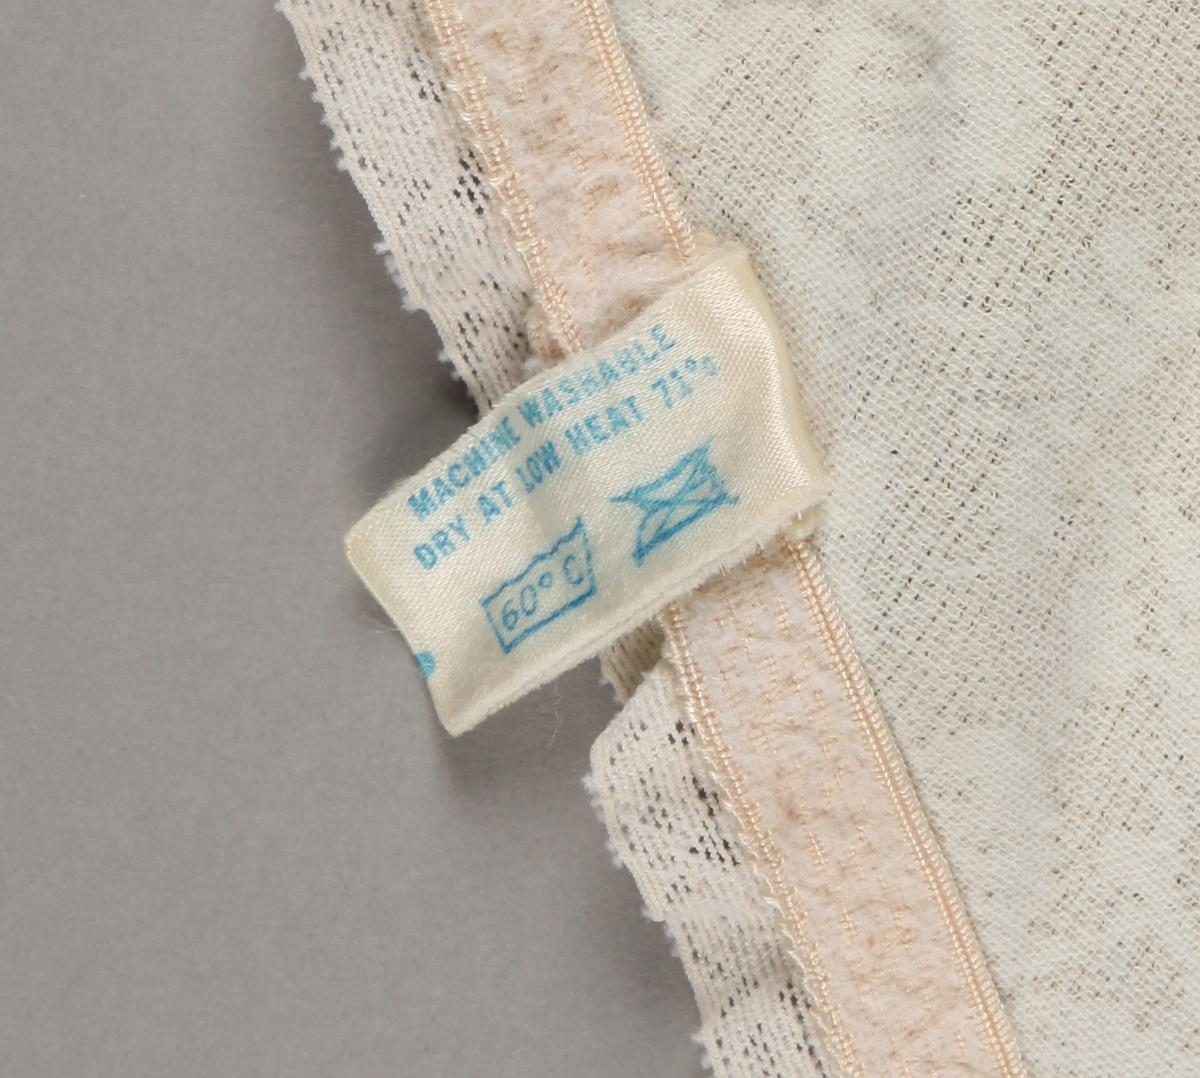 Korselett i blondevevd stoff med sateng panel. BH-del i blonde og hudfarga bomull (?). Lukking med 3 hekte under skrittet. Ingen stropper. Storleik 38C.